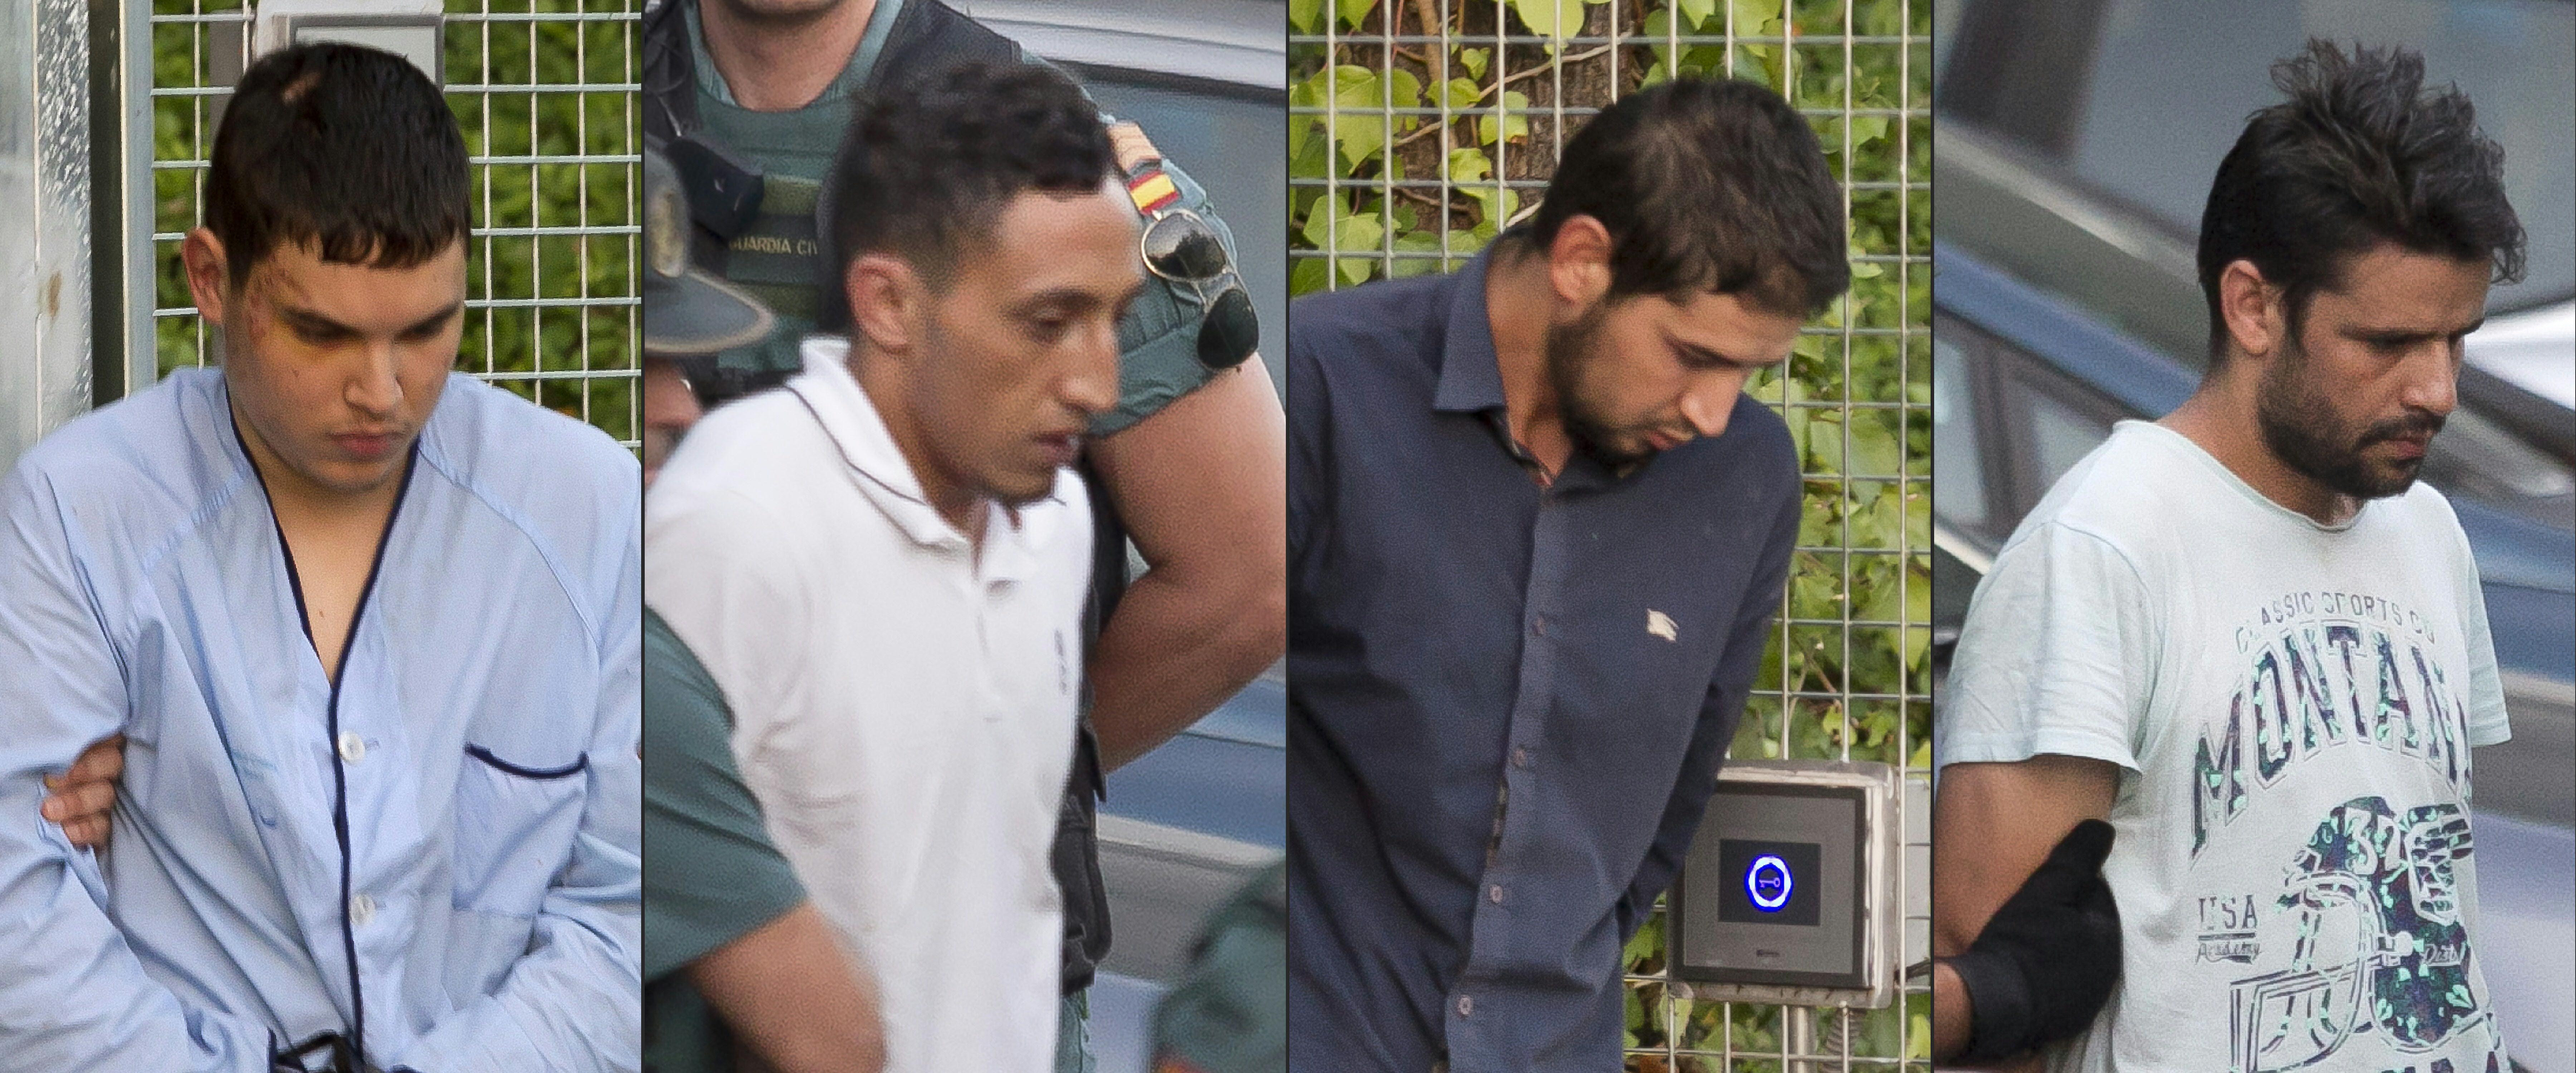 Bíróság elé álltak a barcelonai terrortámadás gyanúsítottjai